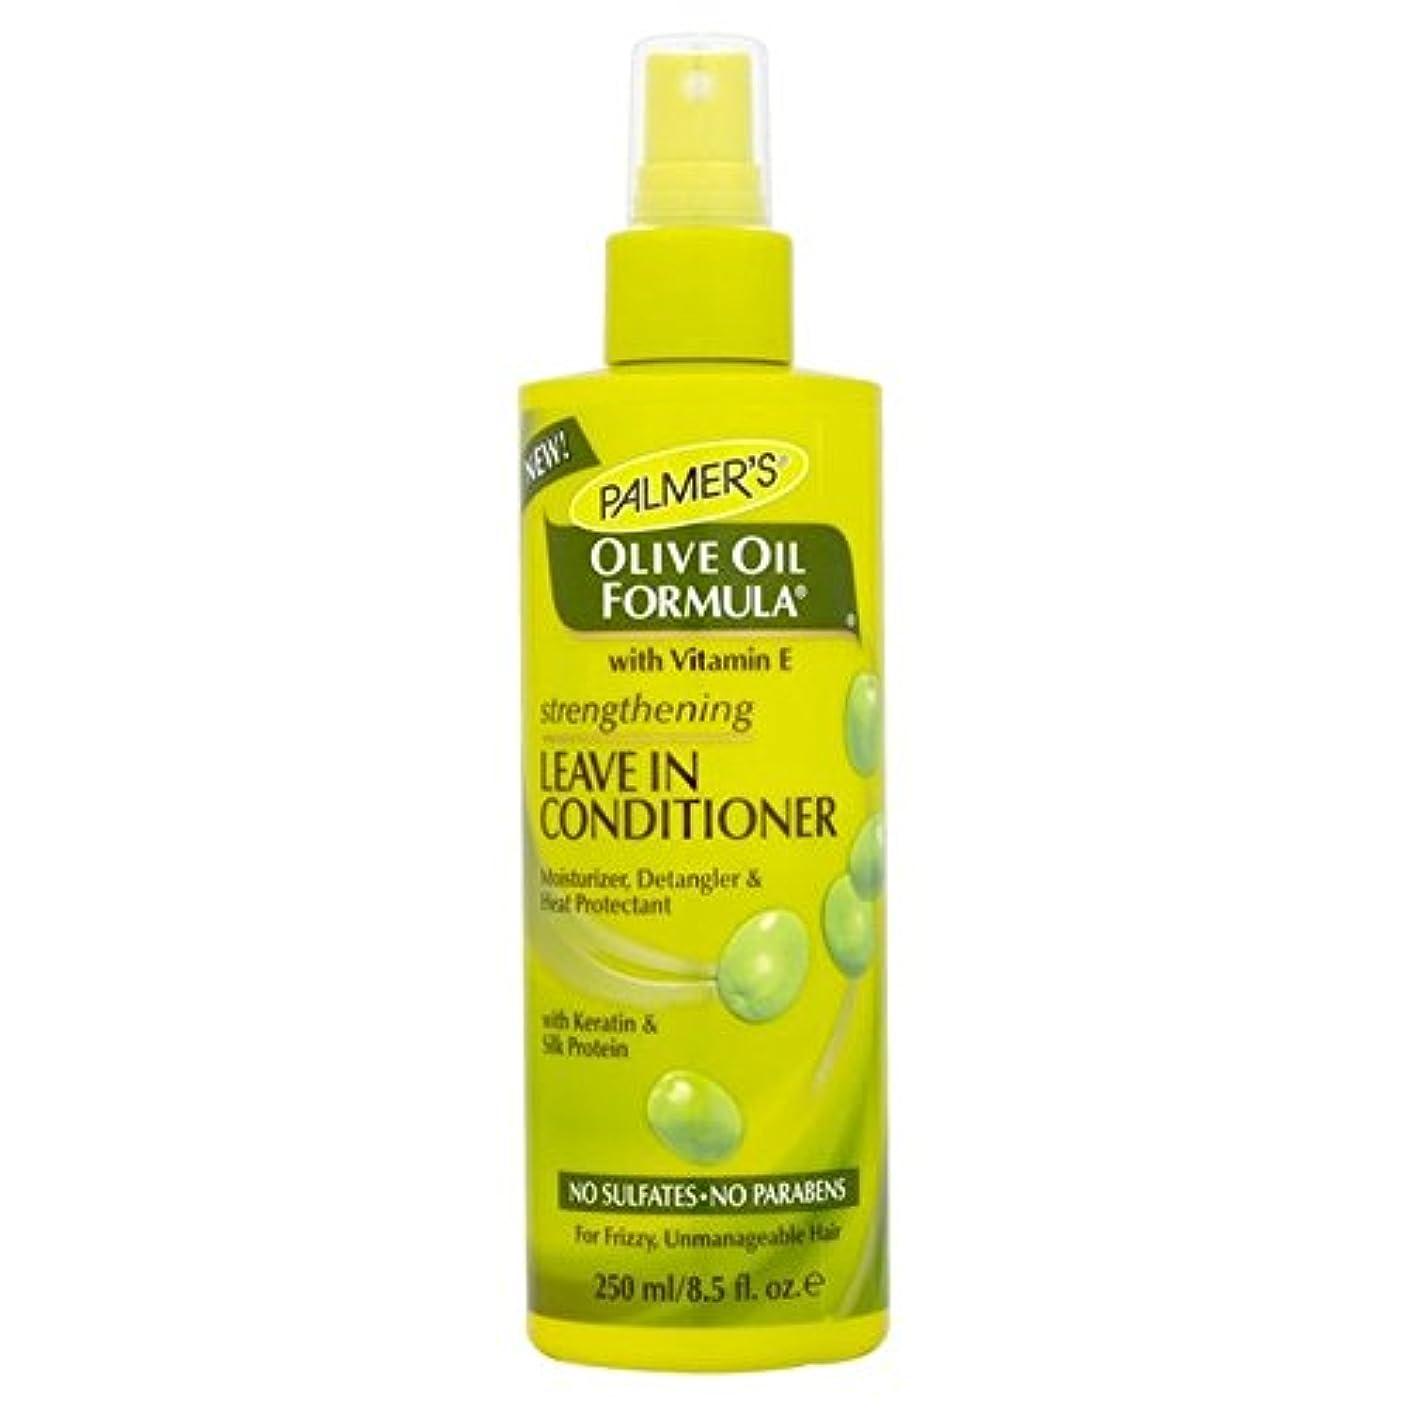 適用するコットンめんどりPalmer's Olive Oil Formula Strengthening Leave-in Conditioner 250ml (Pack of 6) - リーブインコンディショナー250を強化パーマーのオリーブオイル...